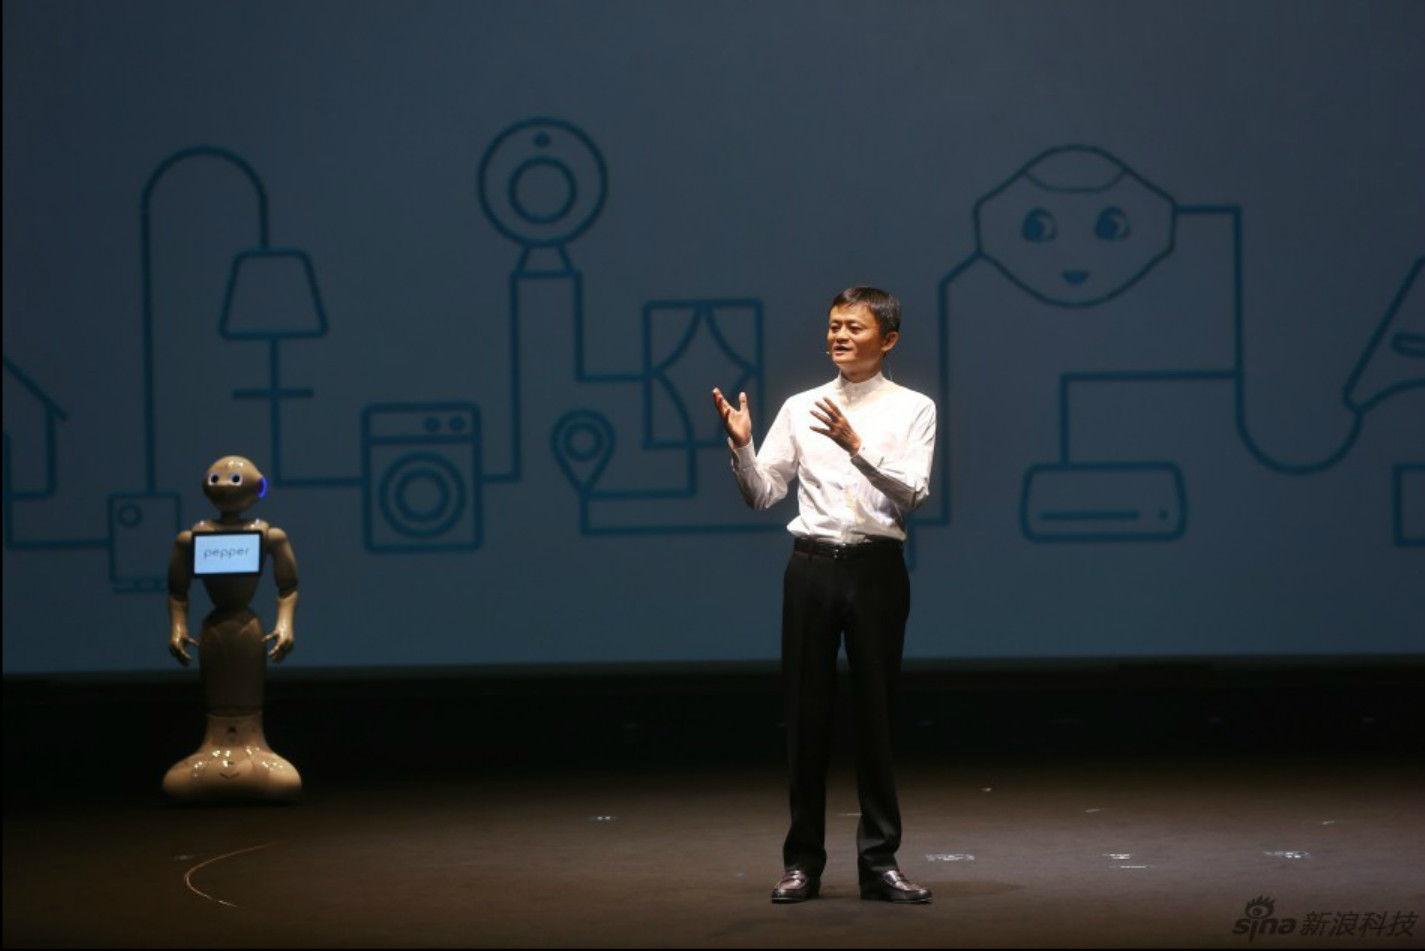 阿里富士康入股软银旗下机器人公司| 极客早知道 2015 年 6 月 19 日